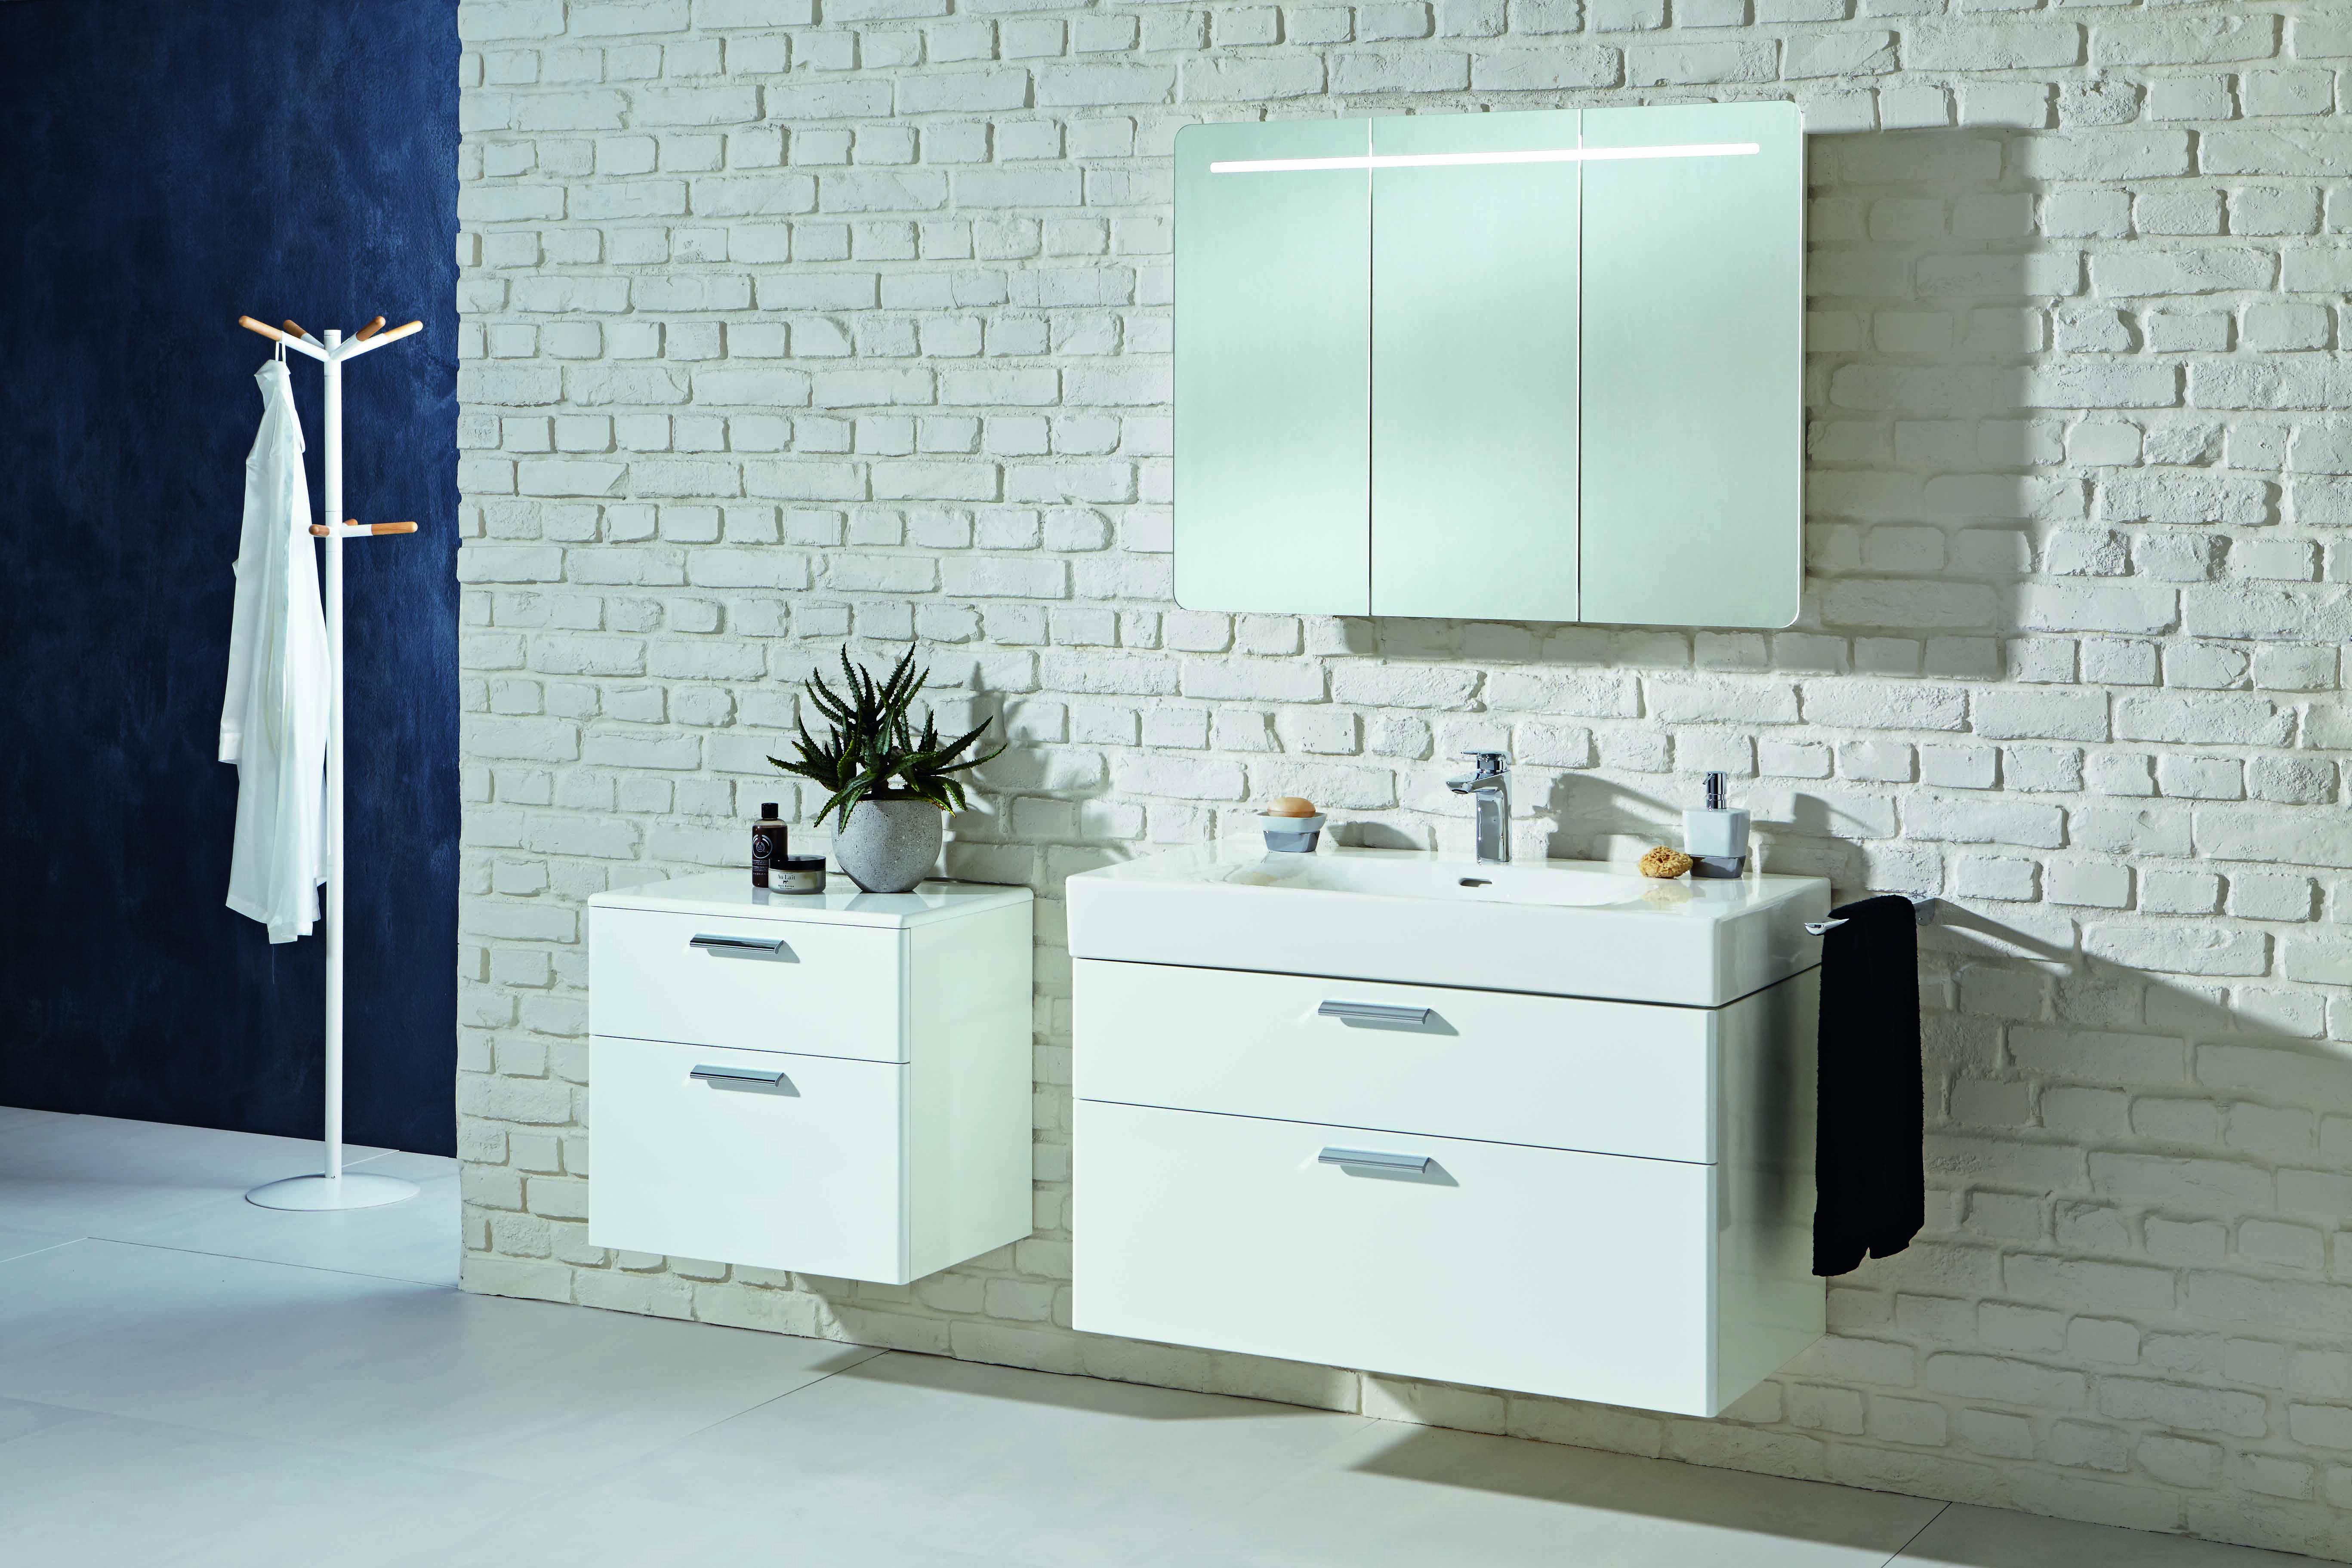 Vigour White Badmobel Badezimmer Spiegelschrank Badgestaltung